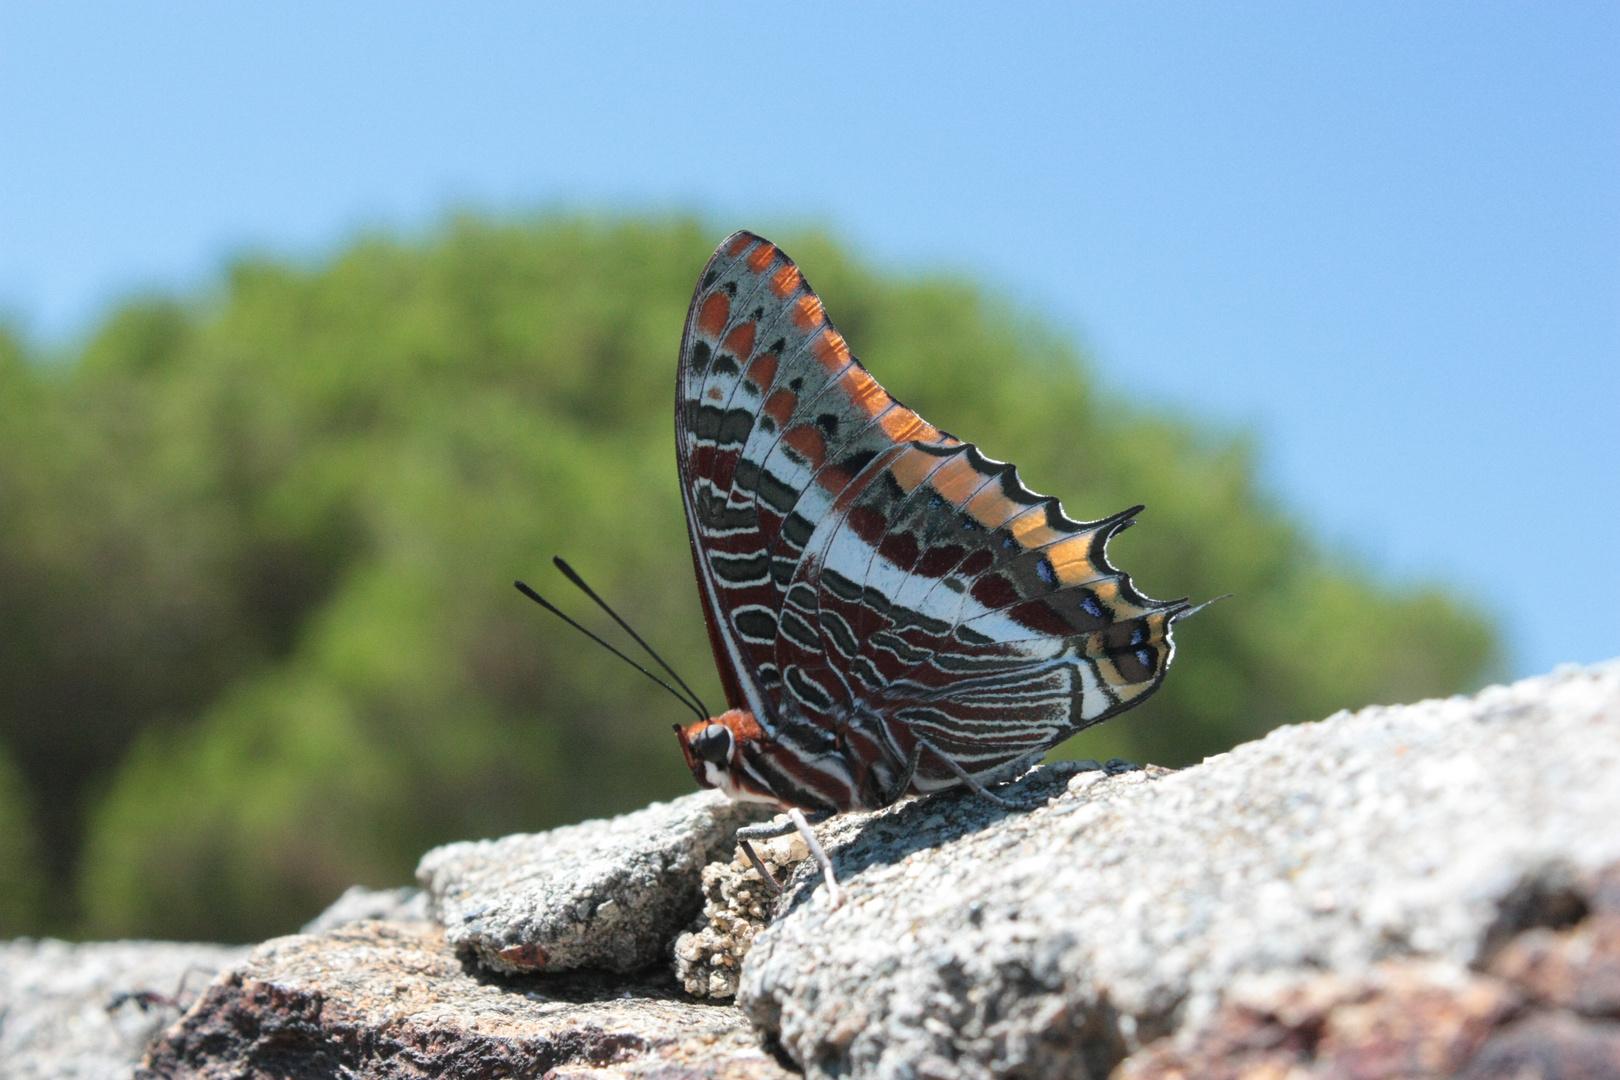 Charaxes jasius (Pacha a deux queues)